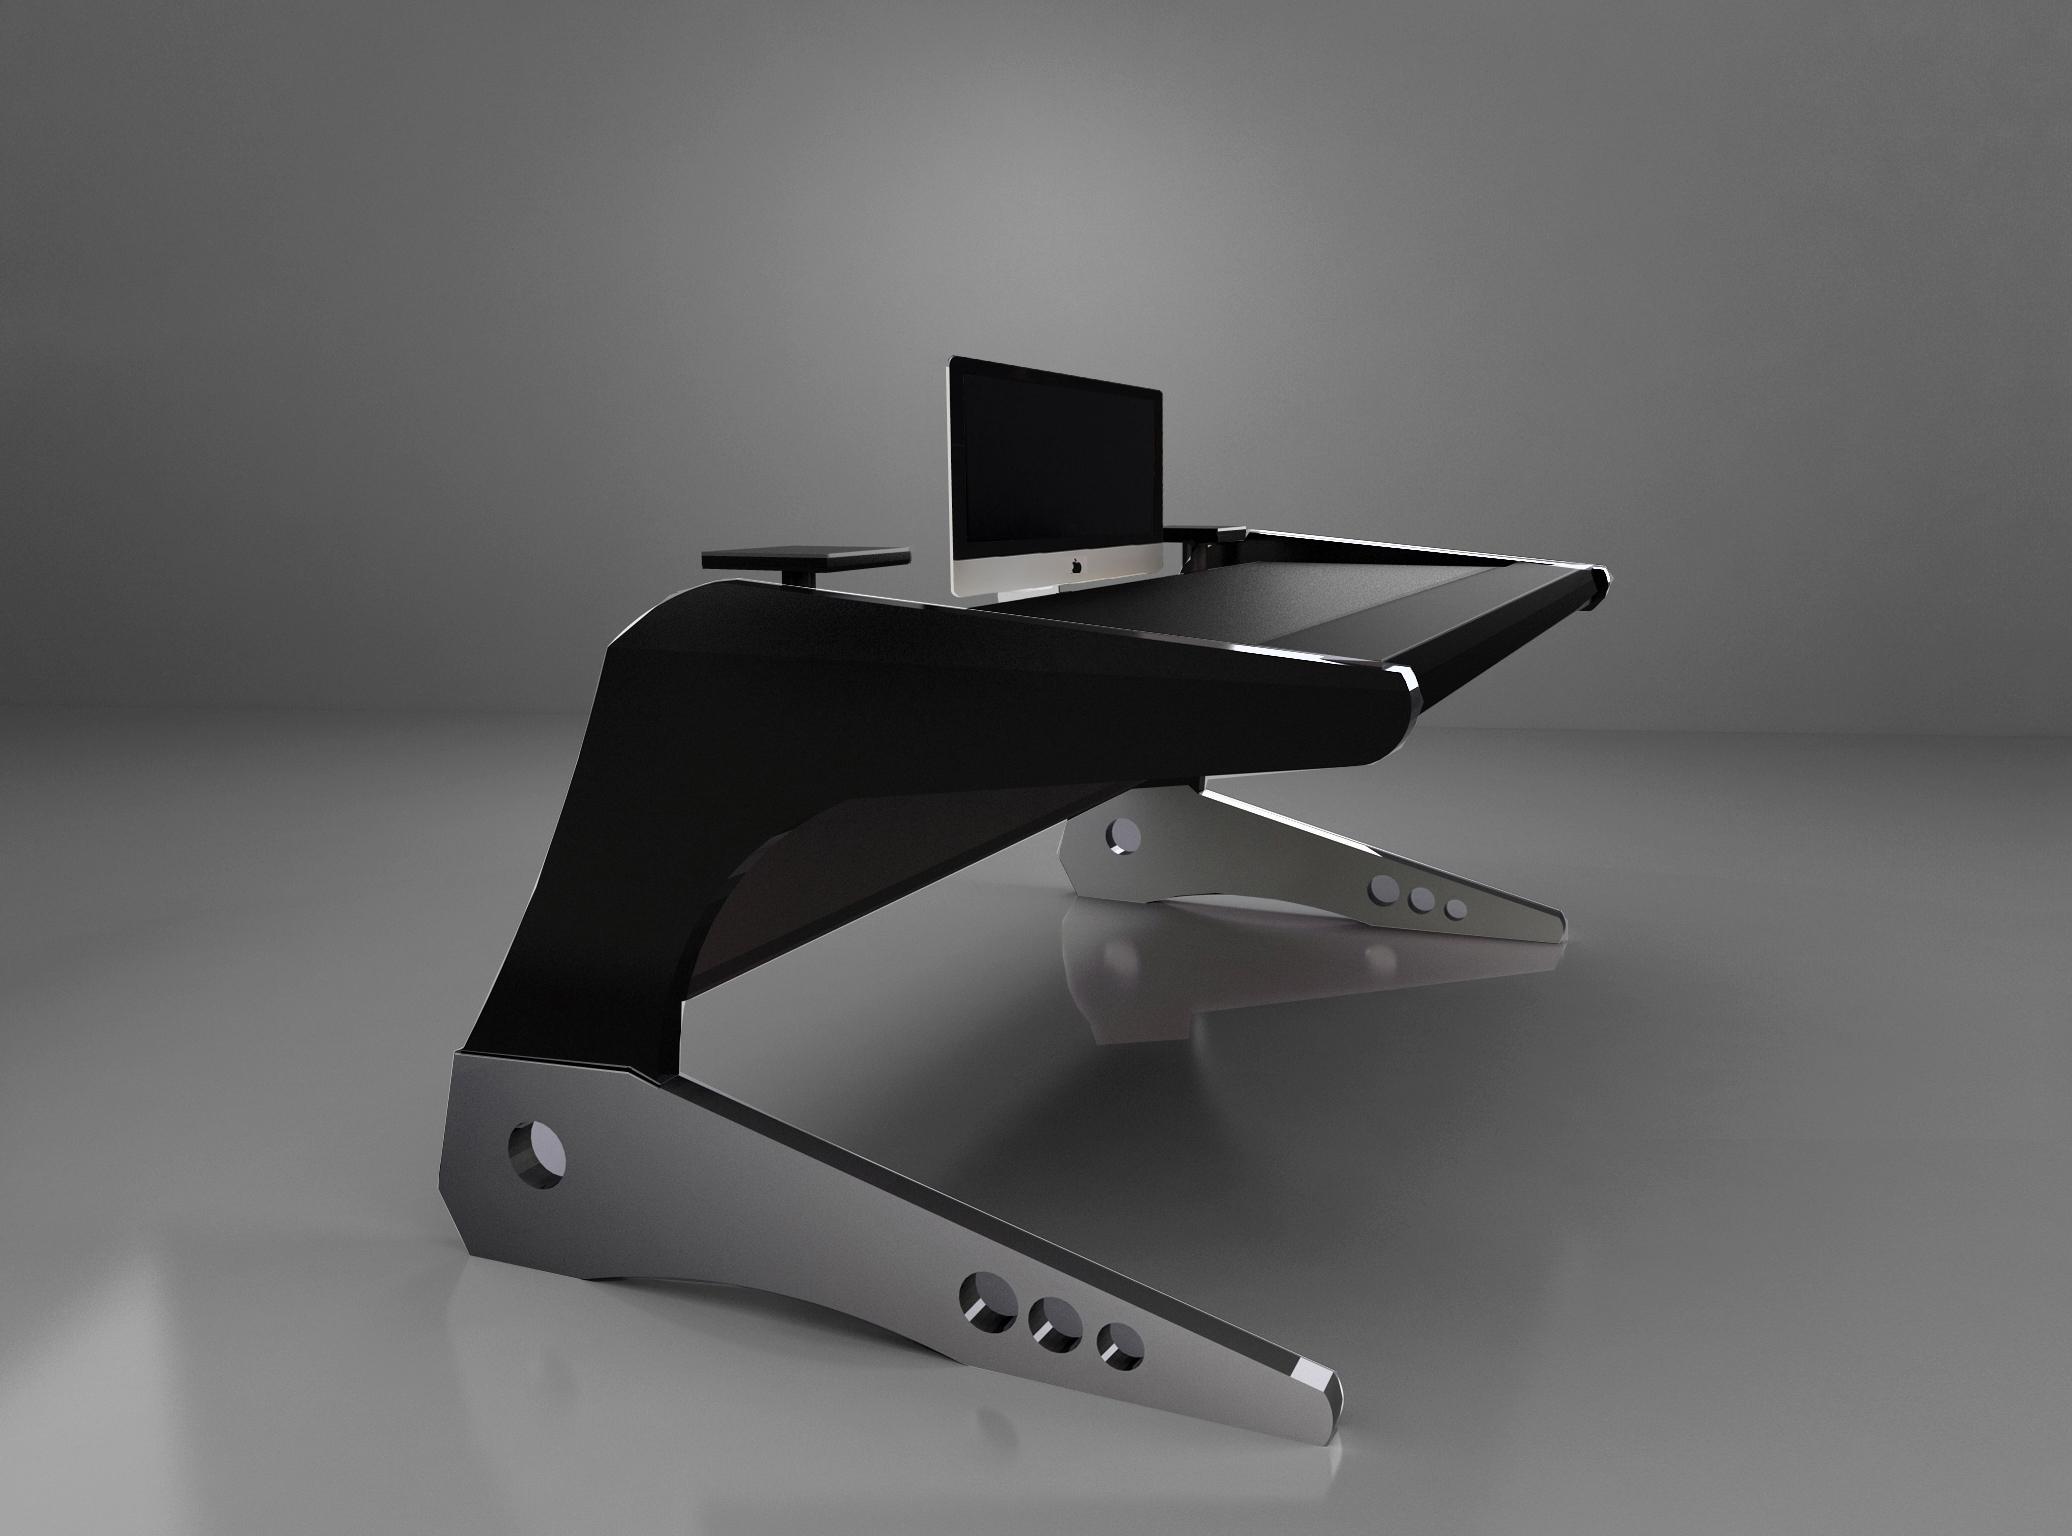 meuble pour studio d 39 enregistrement et mastering modson fabrique vos meubles pour votre studio. Black Bedroom Furniture Sets. Home Design Ideas